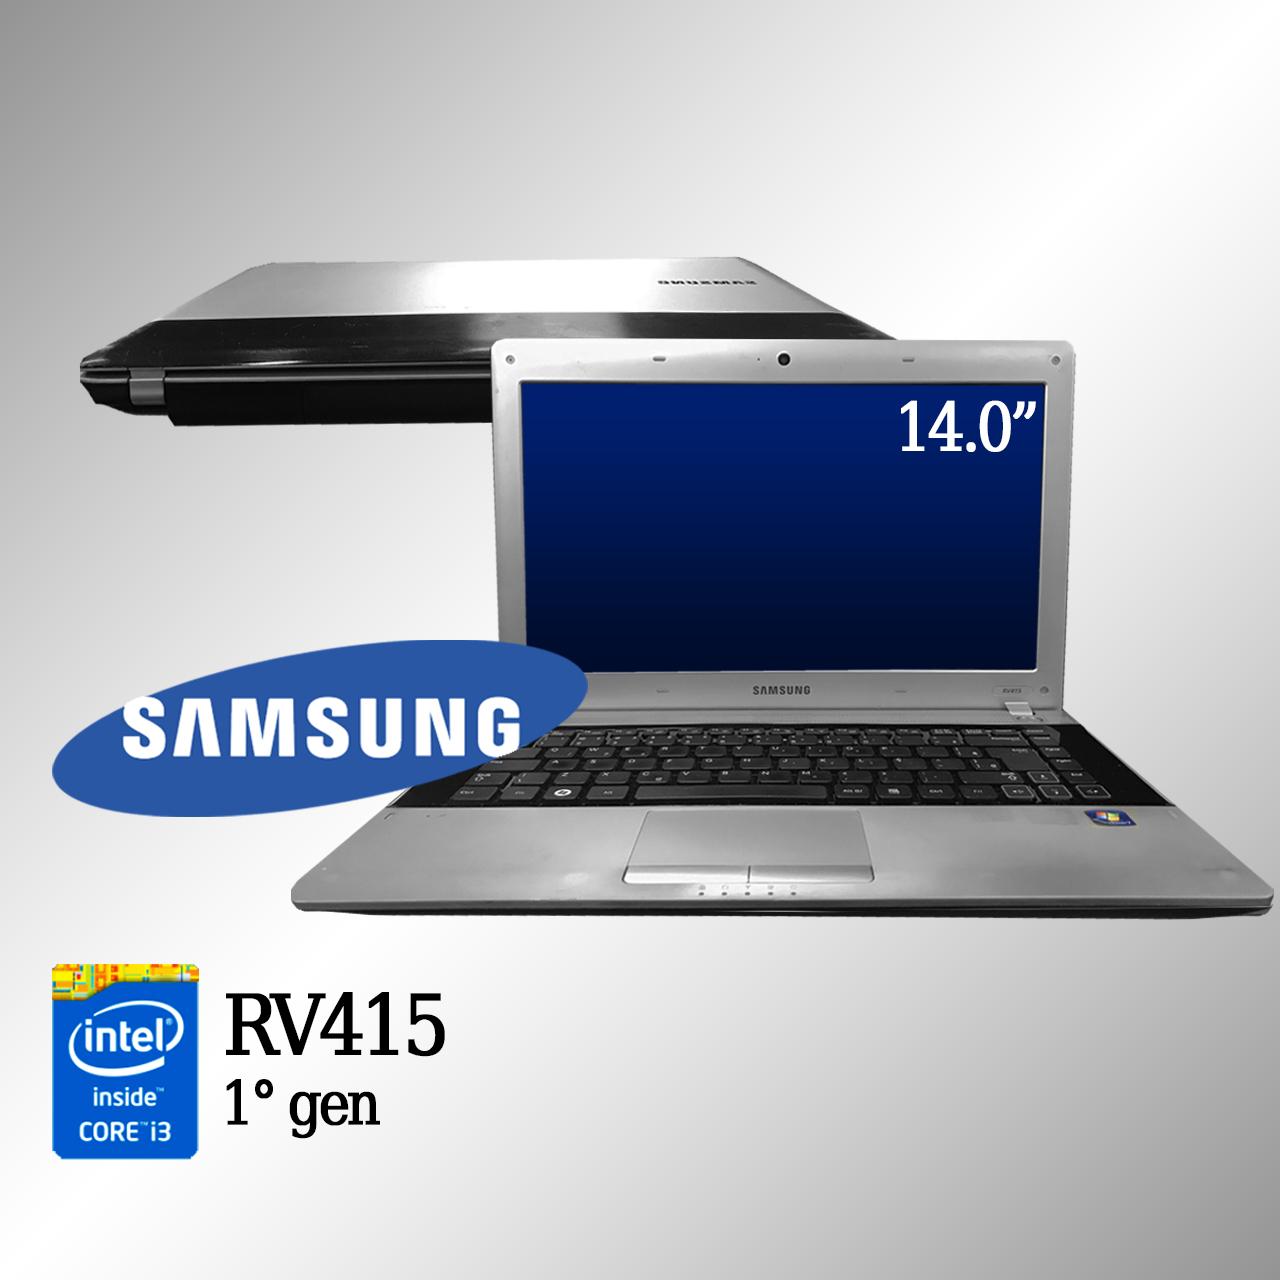 Laptop Samsung RV415 1000 Intel i3 de 1a. Geração 4 GB memória e 500 GB disco rígido